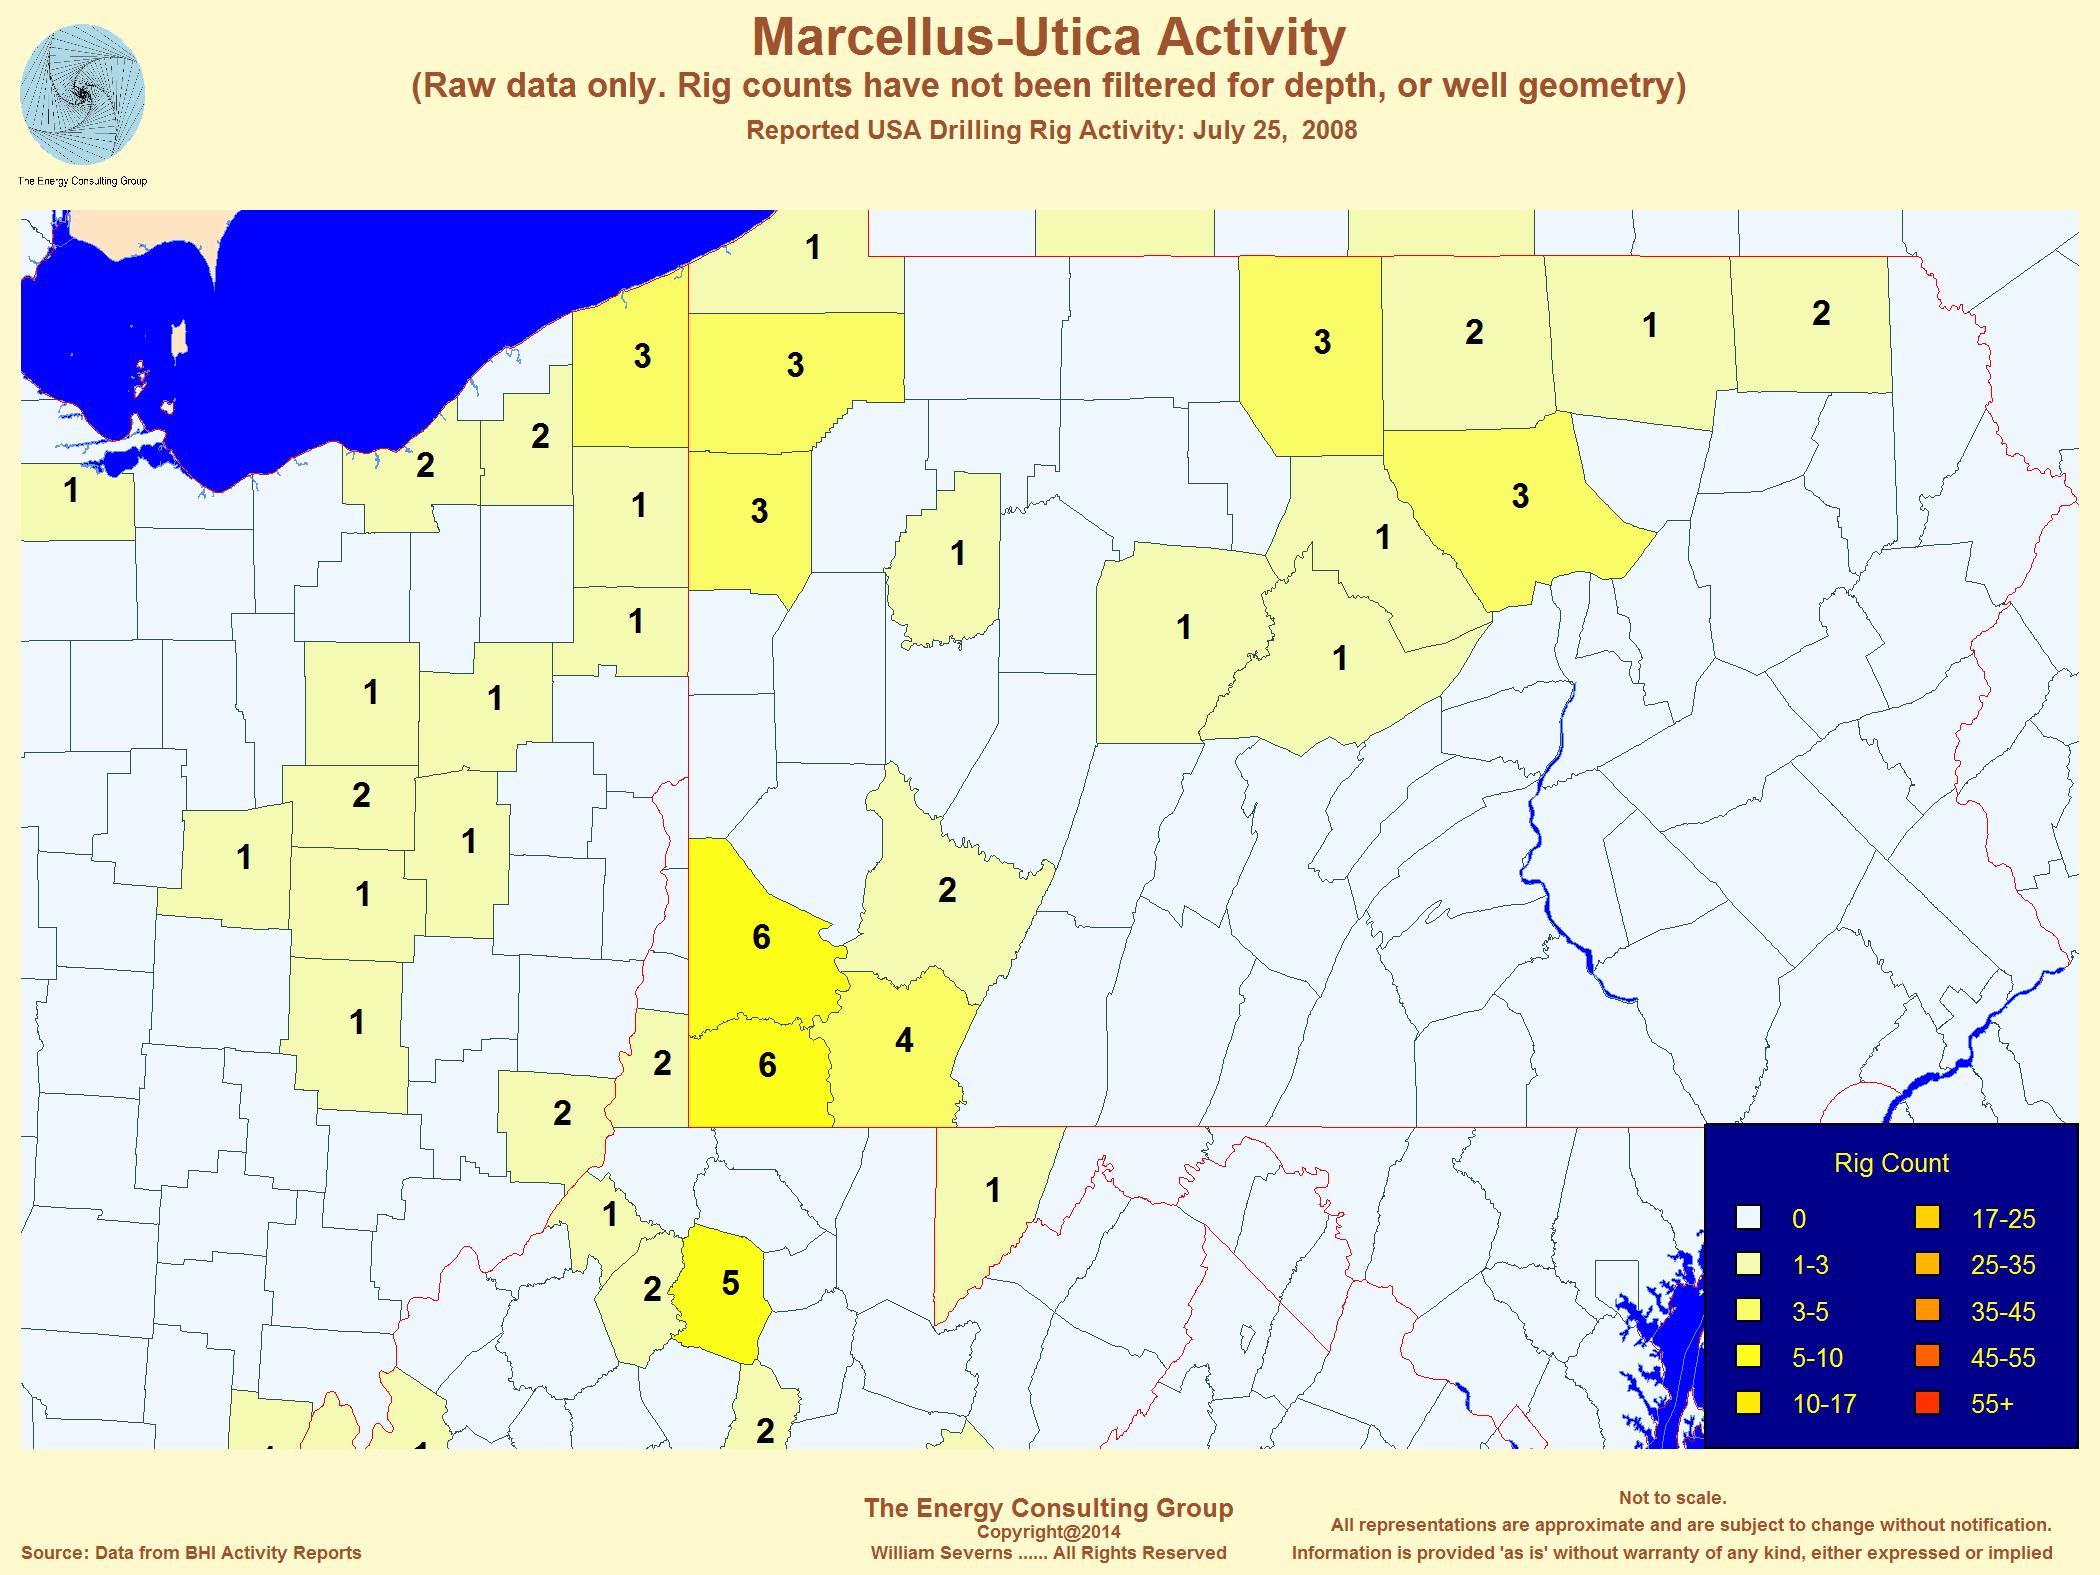 Marcellus-Utica